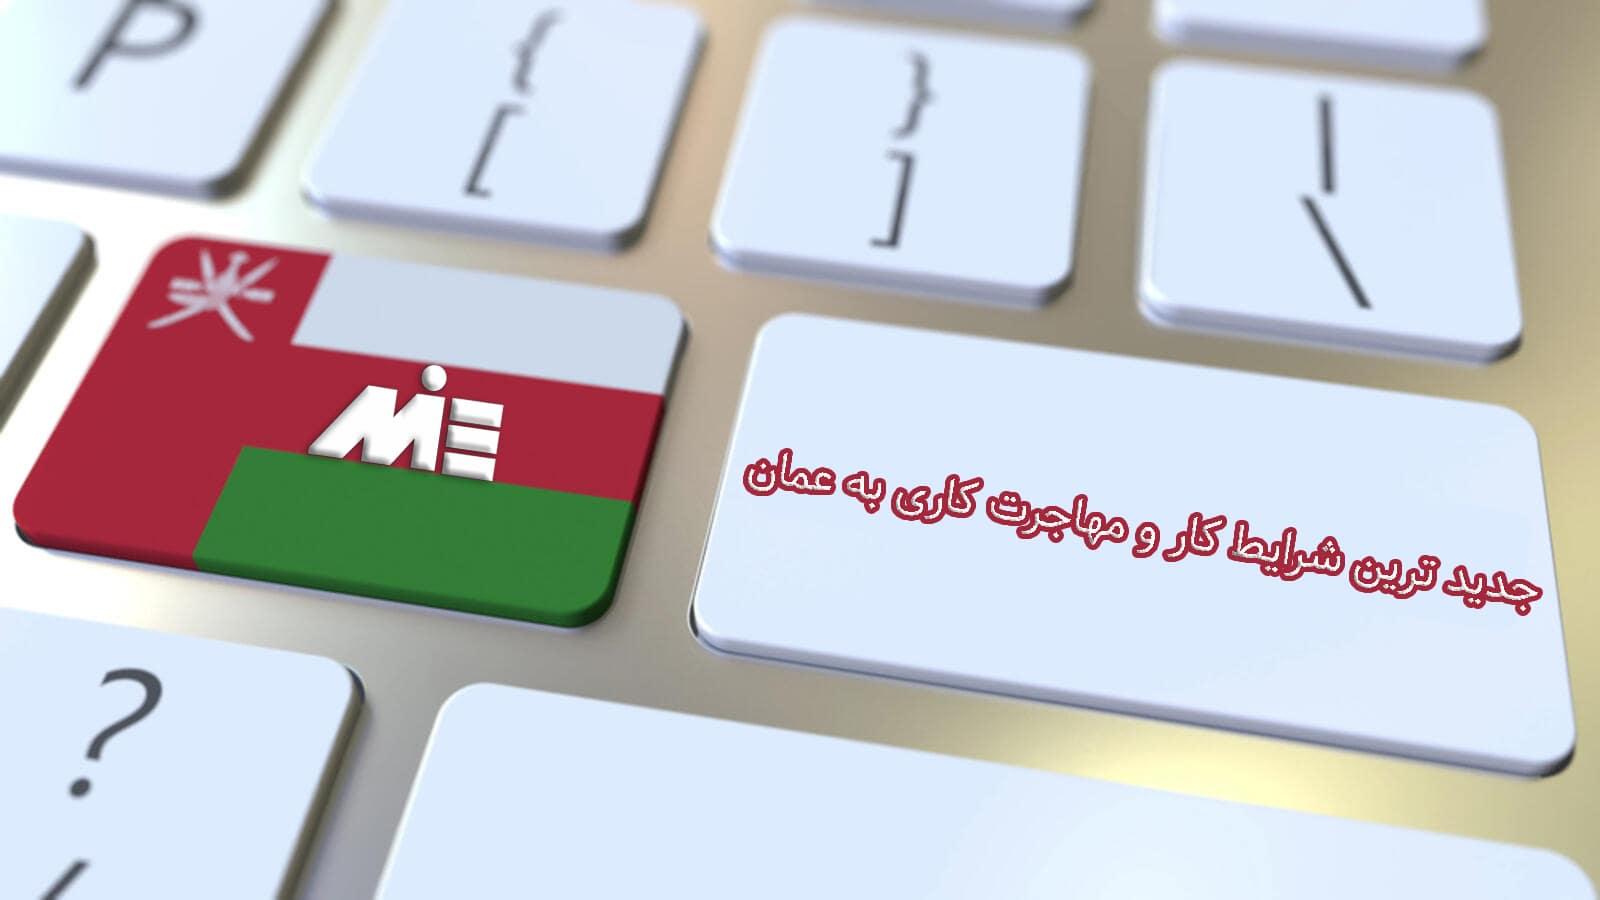 جدید ترین شرایط کار در عمان و مهاجرت کاری به عمان